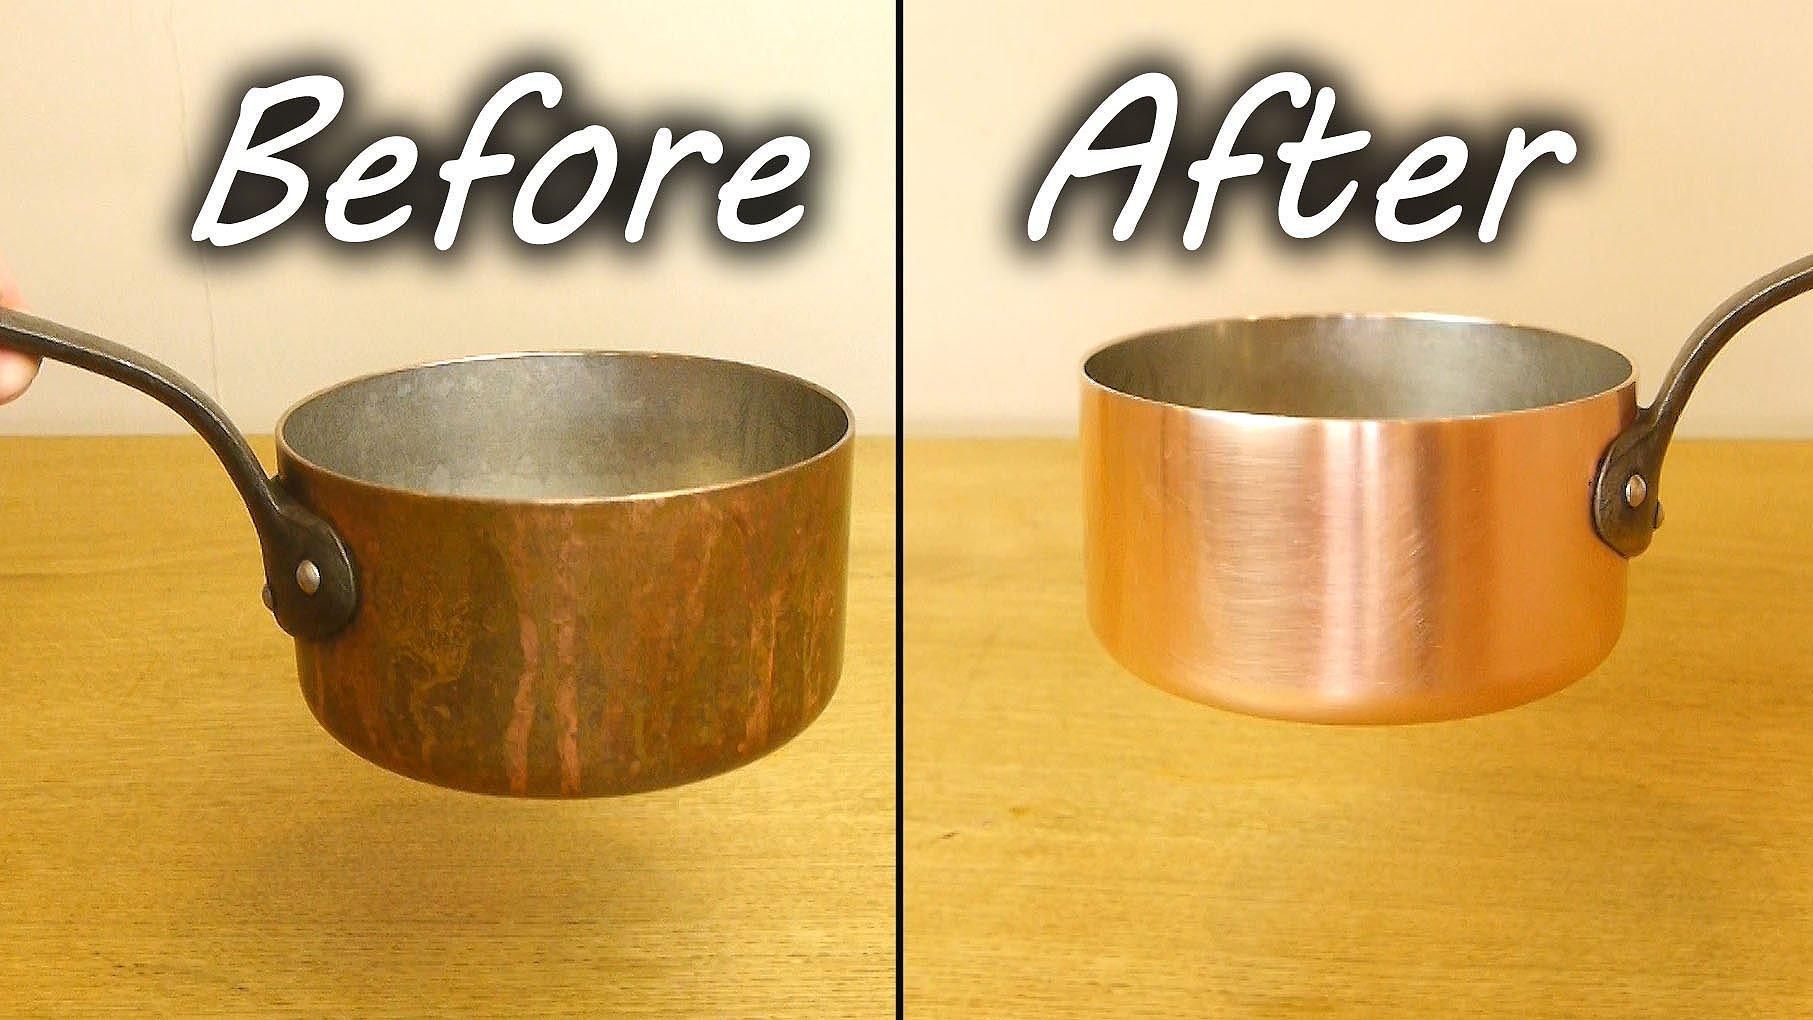 生活小妙招:銅製品重新亮晶晶